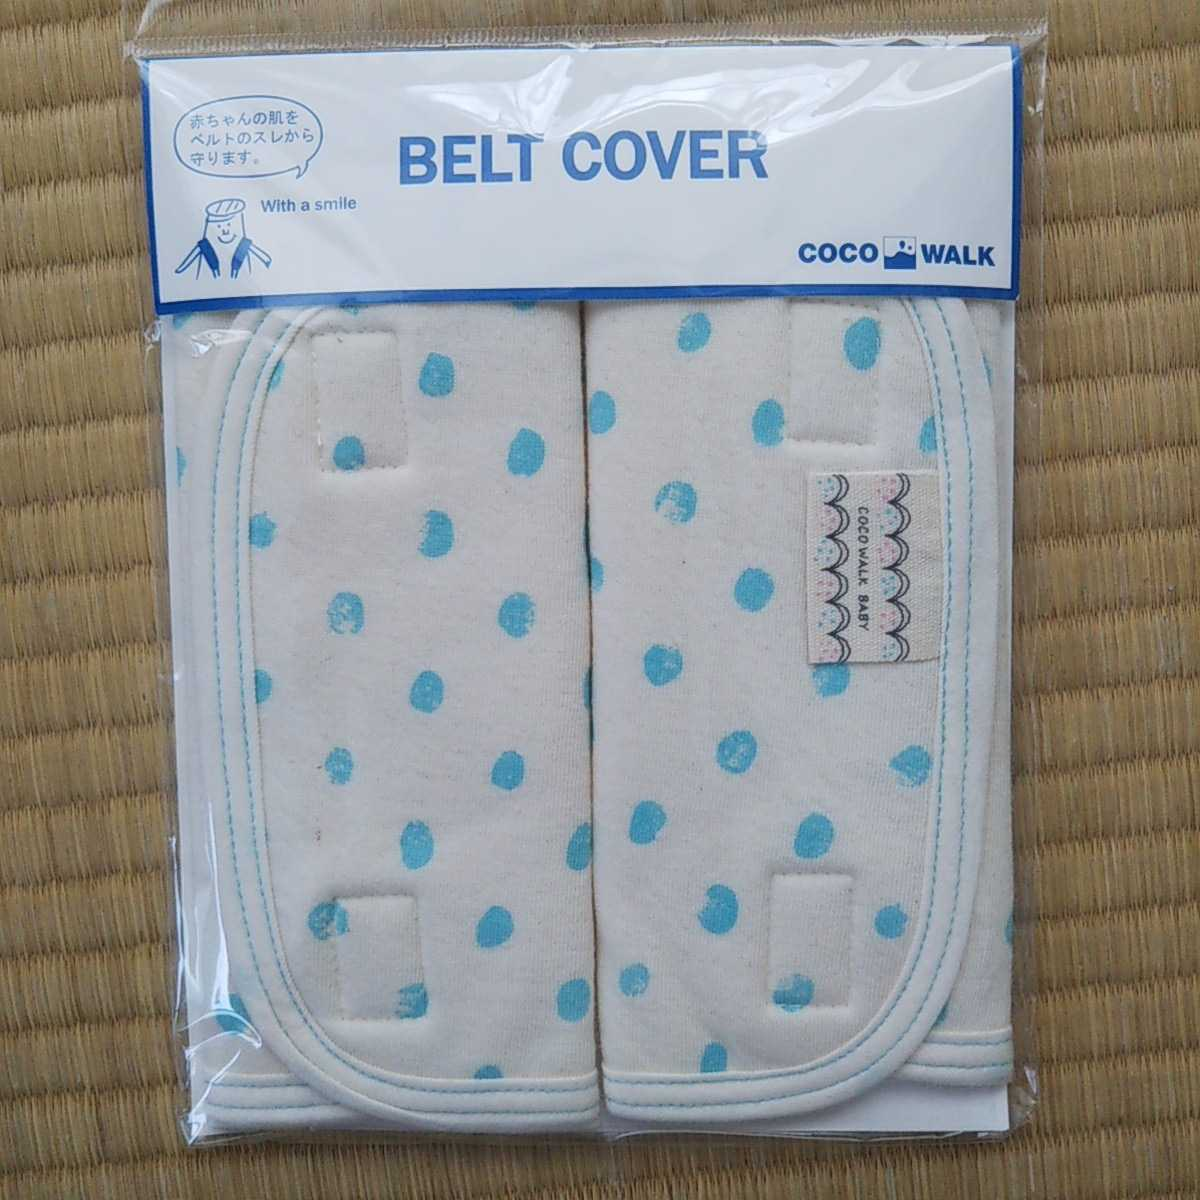 新品未使用未開封☆cocowalk baby ベルトカバー 水色ドット 抱っこひも チャイルドシートカバー ベビーカー肩ベルトに 日本製 ココウォーク_画像1